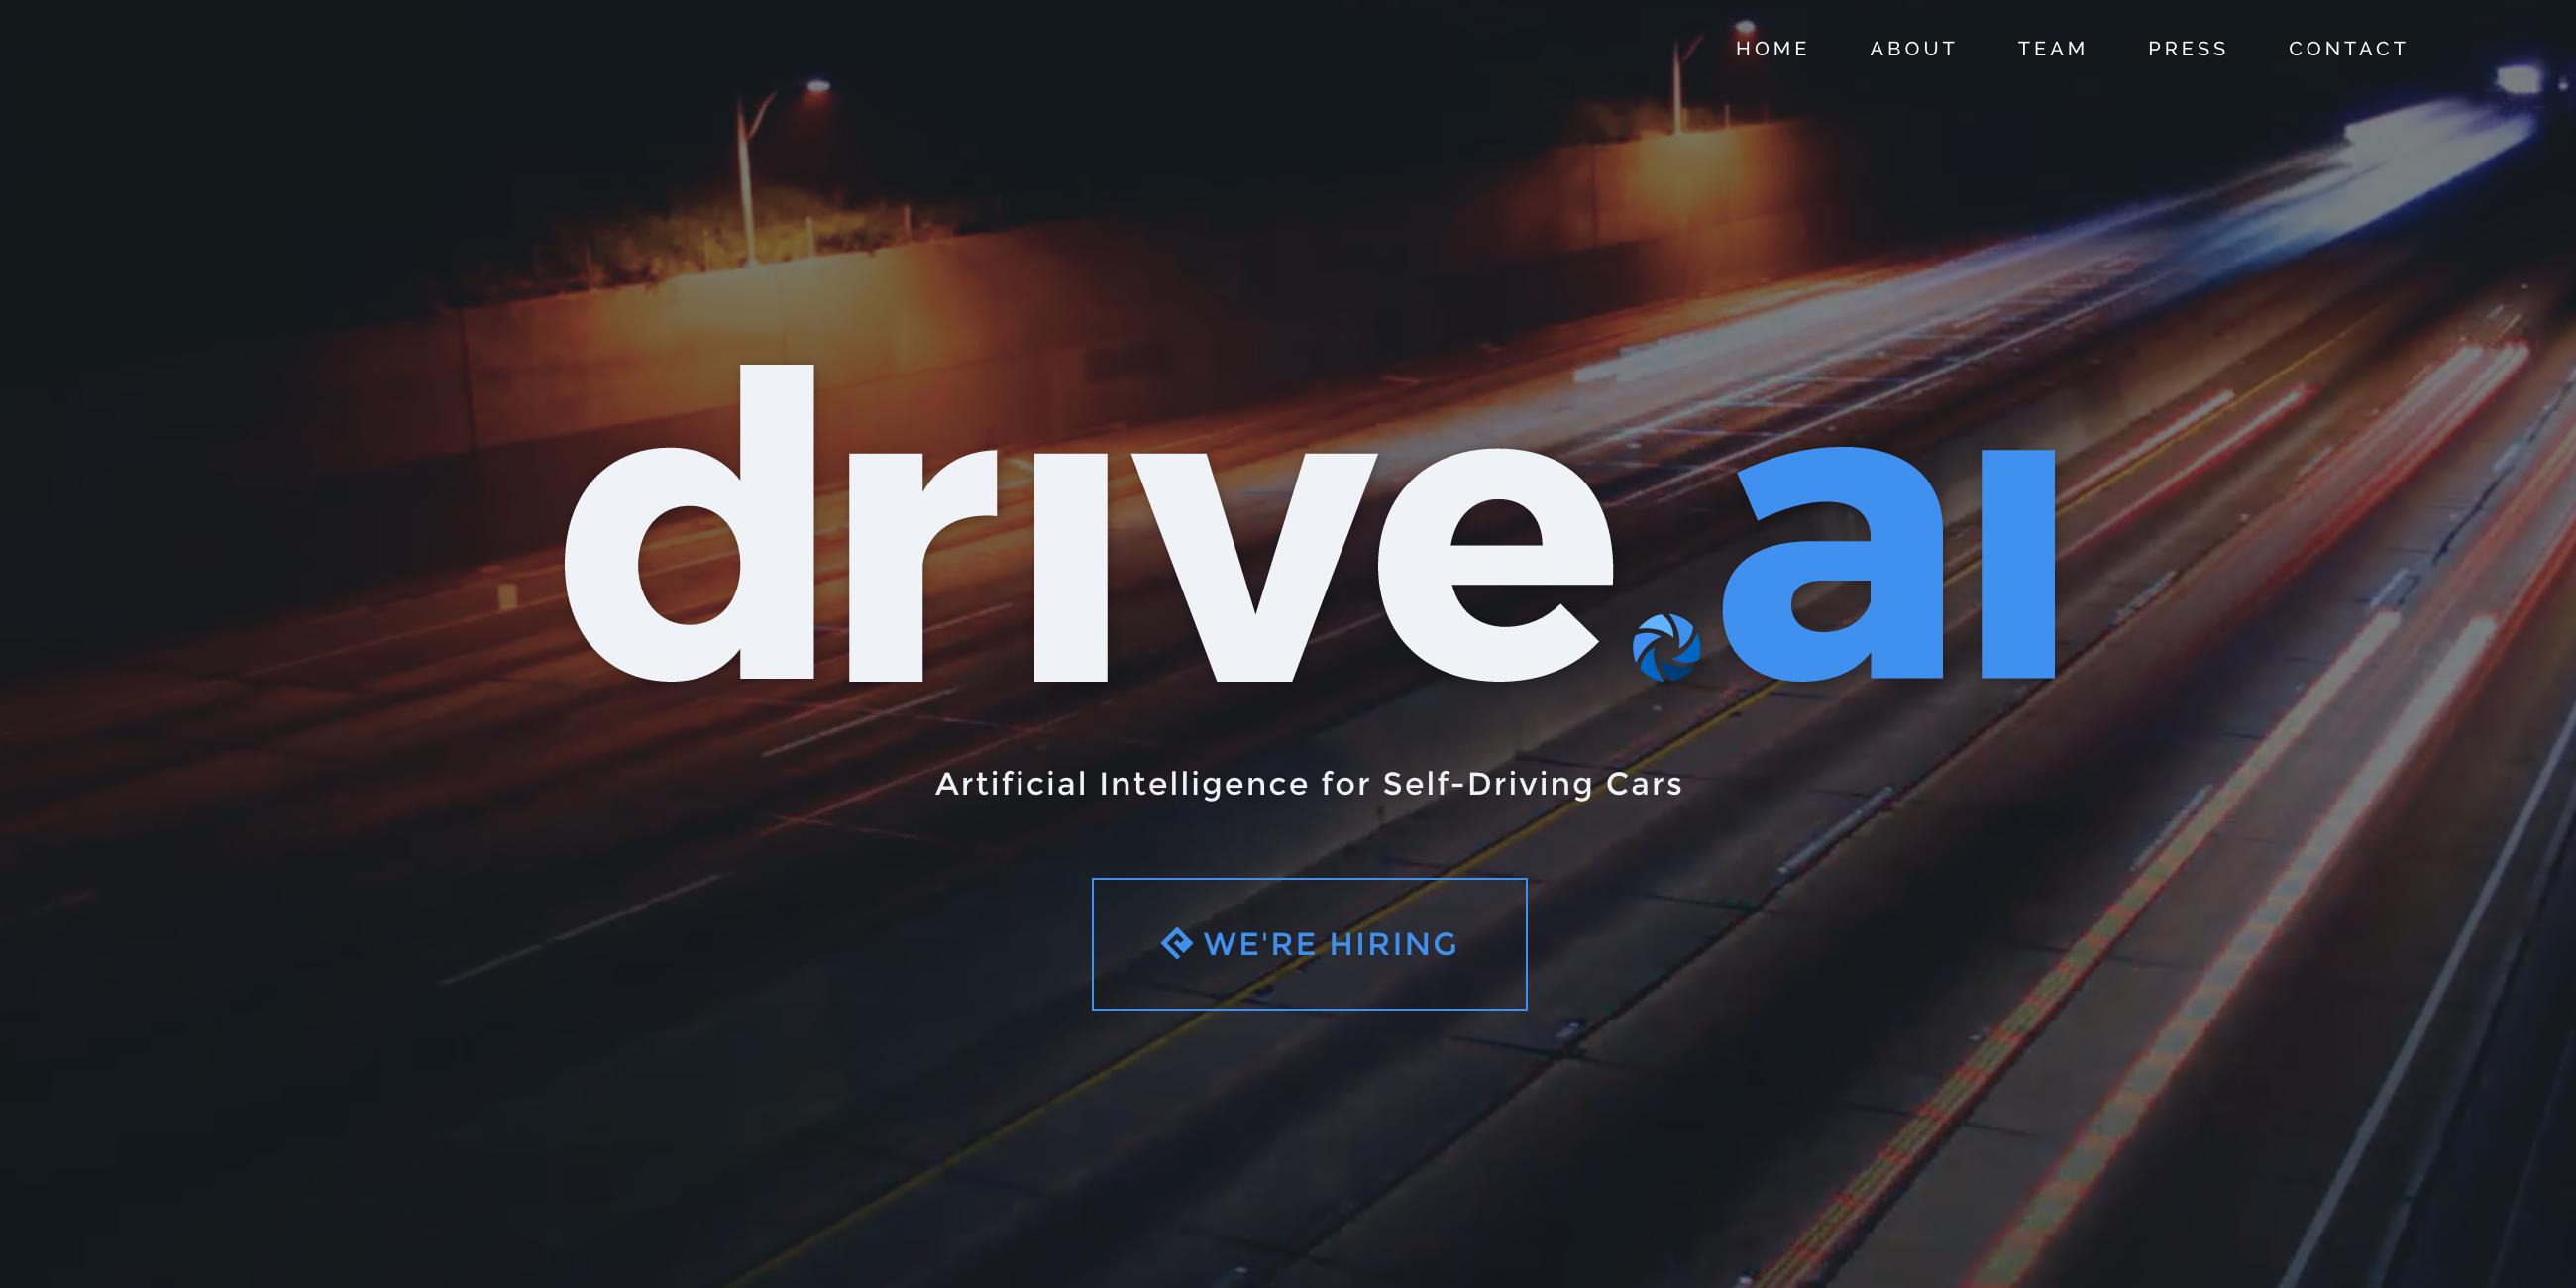 DriveAI